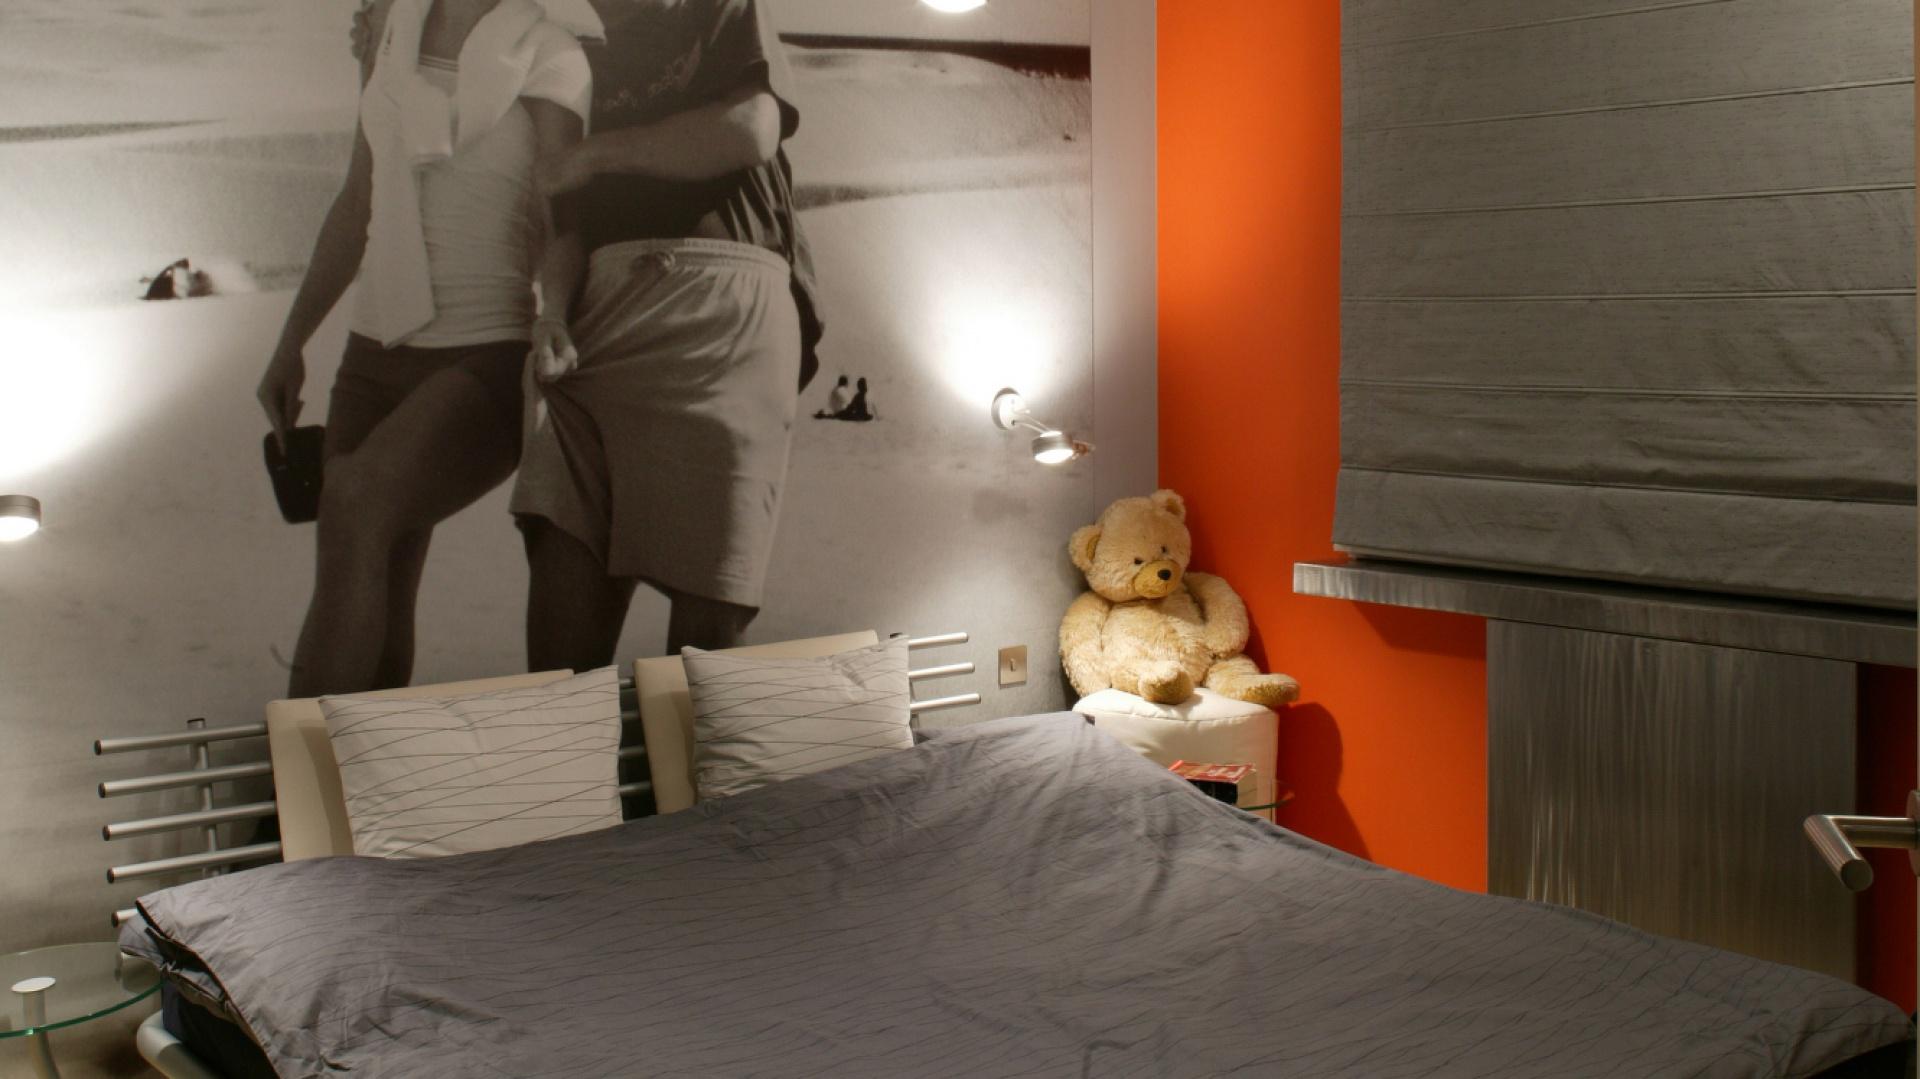 Dwie dominanty zawładnęły sypialnią: powiększone do maksimum, czarno-białe, wakacyjne zdjęcie gospodarzy oraz pomarańczowa ściana – jedyny kolorowy akcent we wnętrzu. Fot. Tomek Markowski.